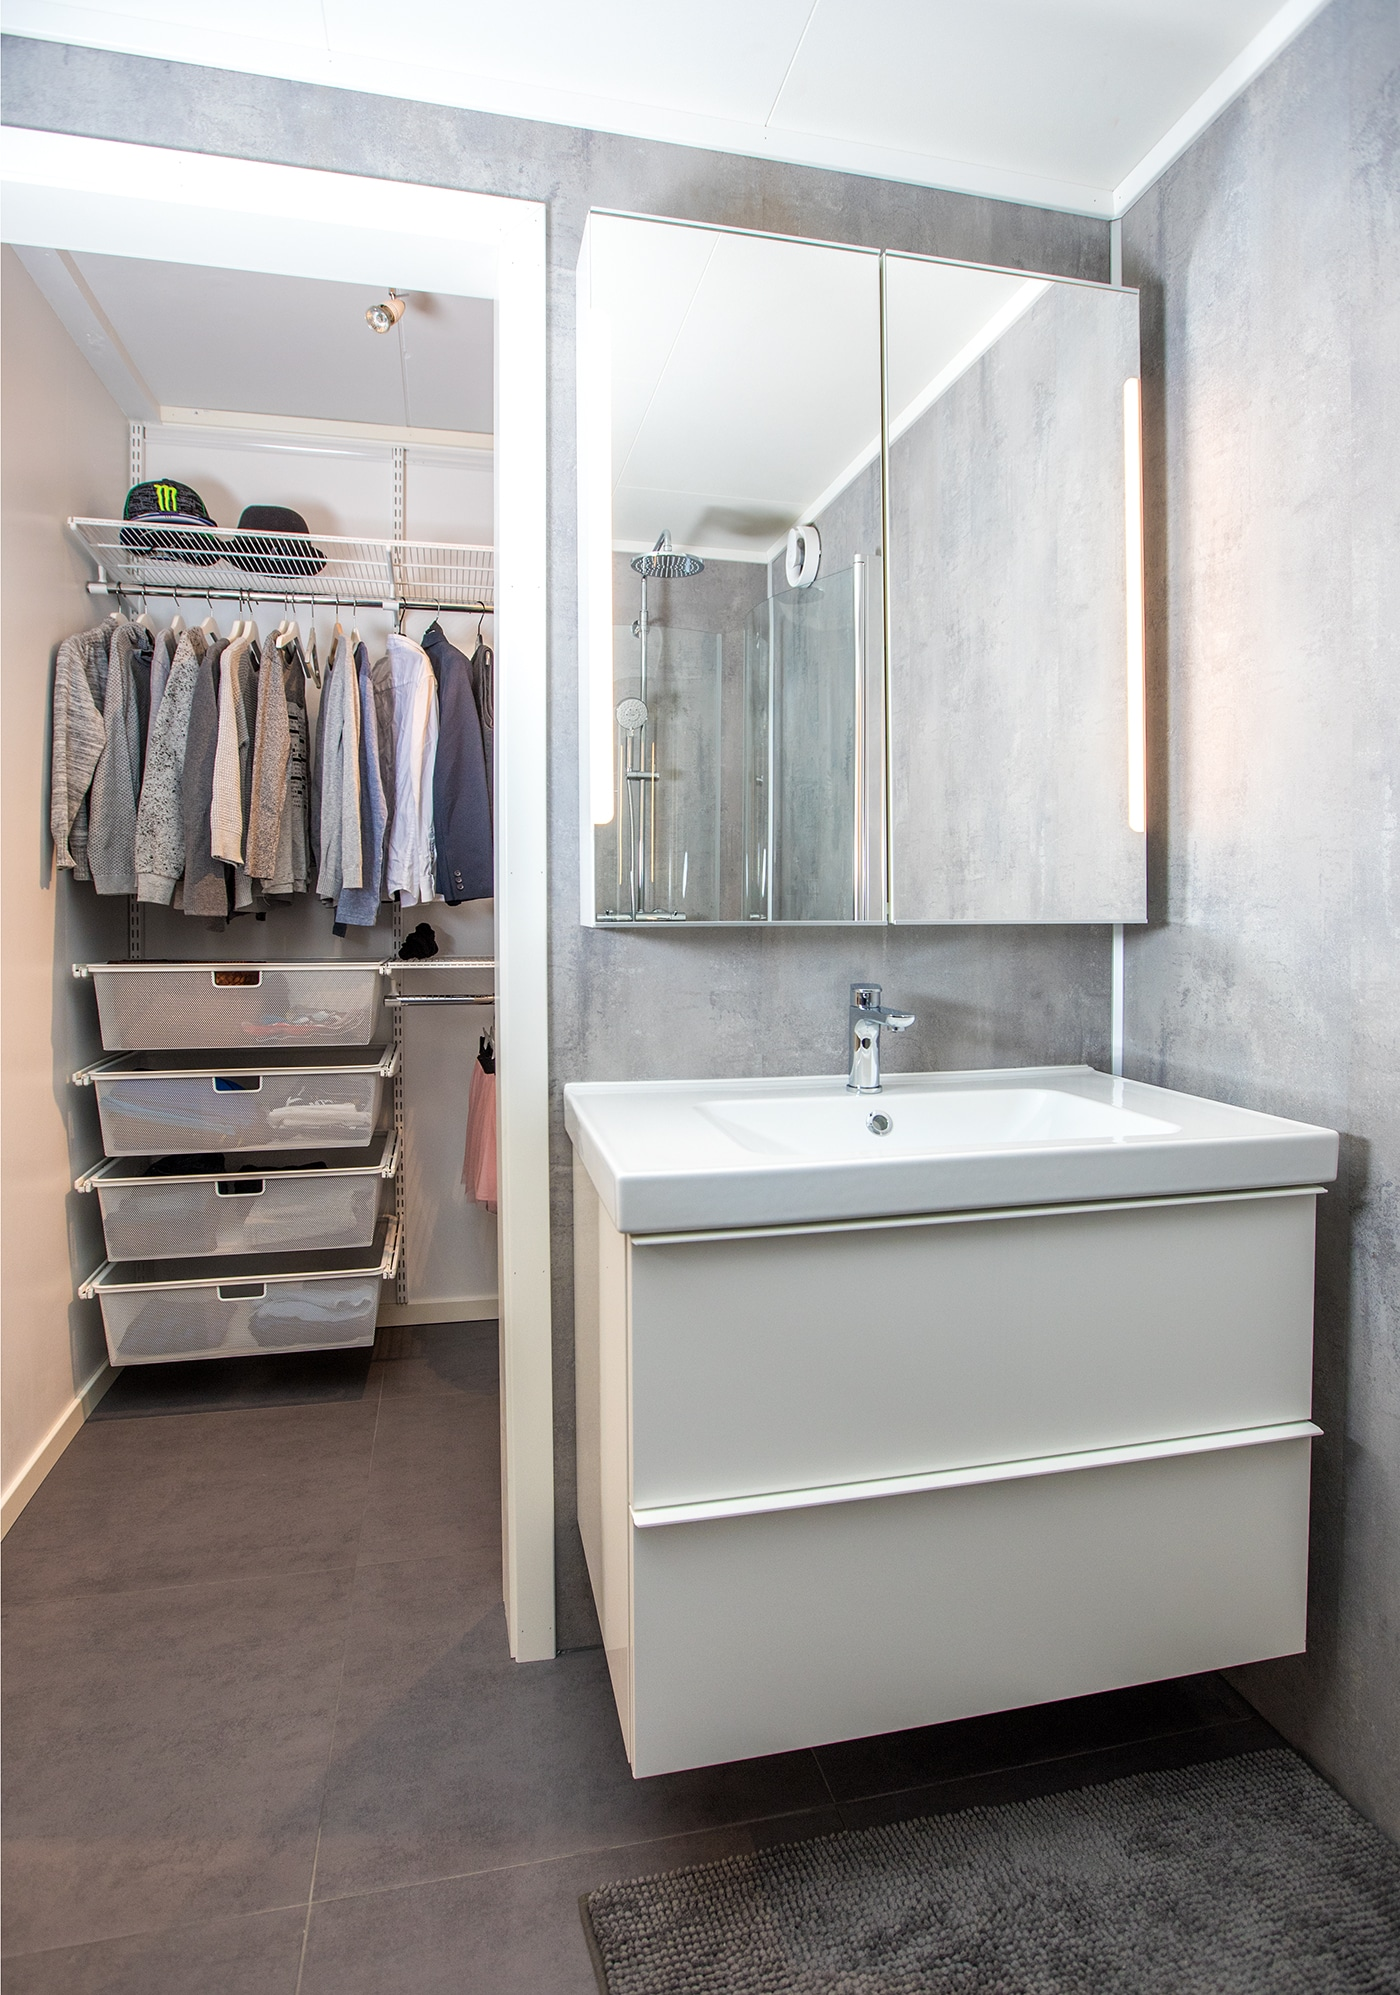 Bad med inngang til walk-in-closet